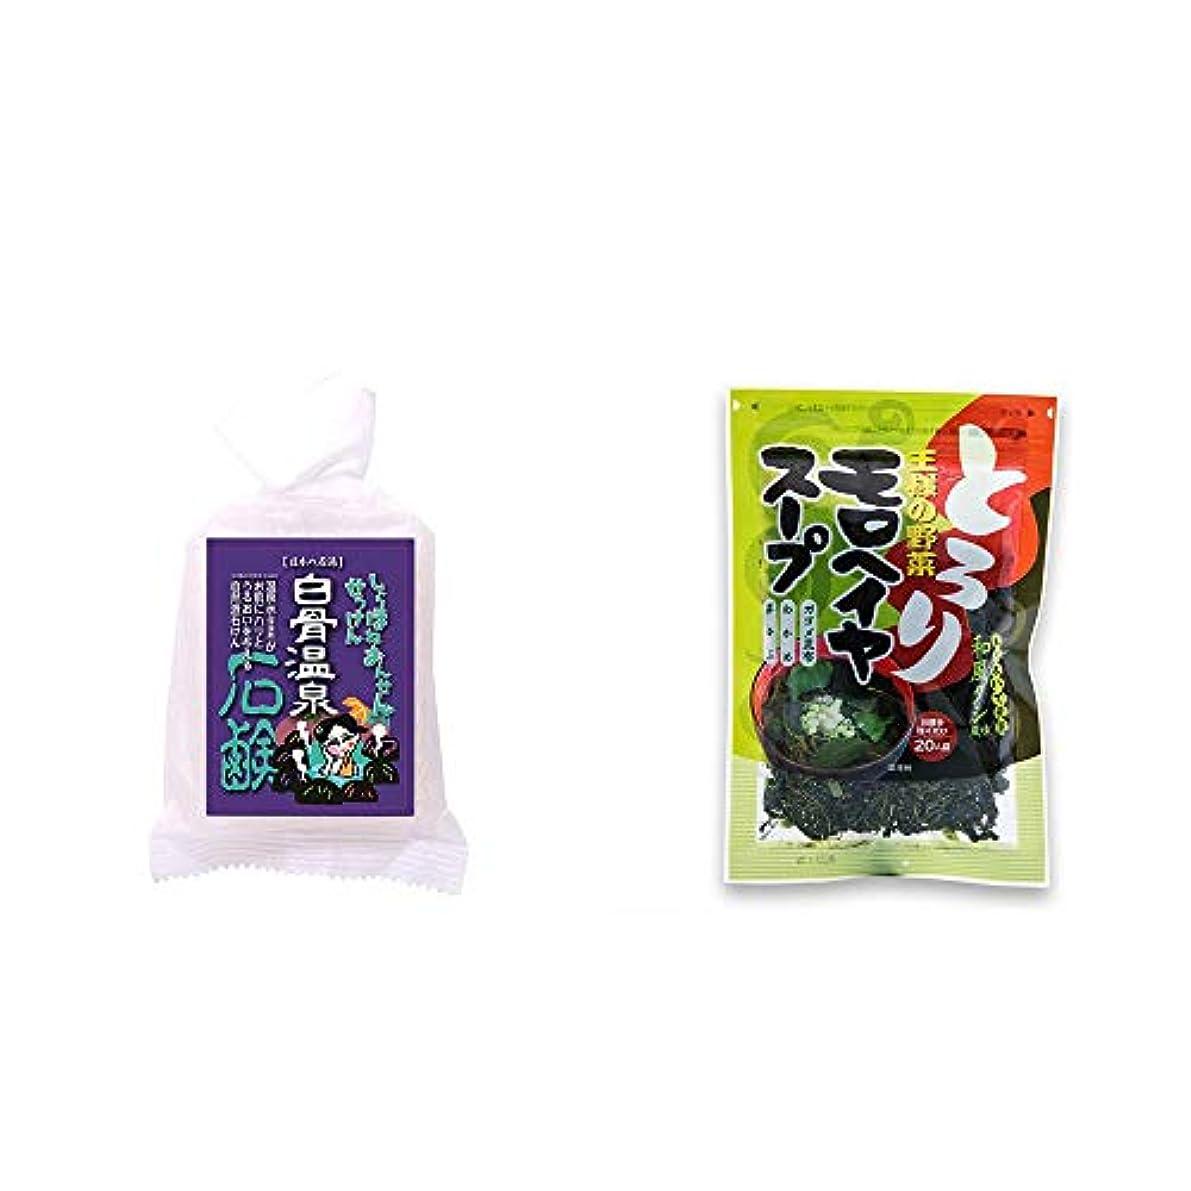 藤色シェード含める[2点セット] 信州 白骨温泉石鹸(80g)?王様の野菜 モロヘイヤスープ(80g)